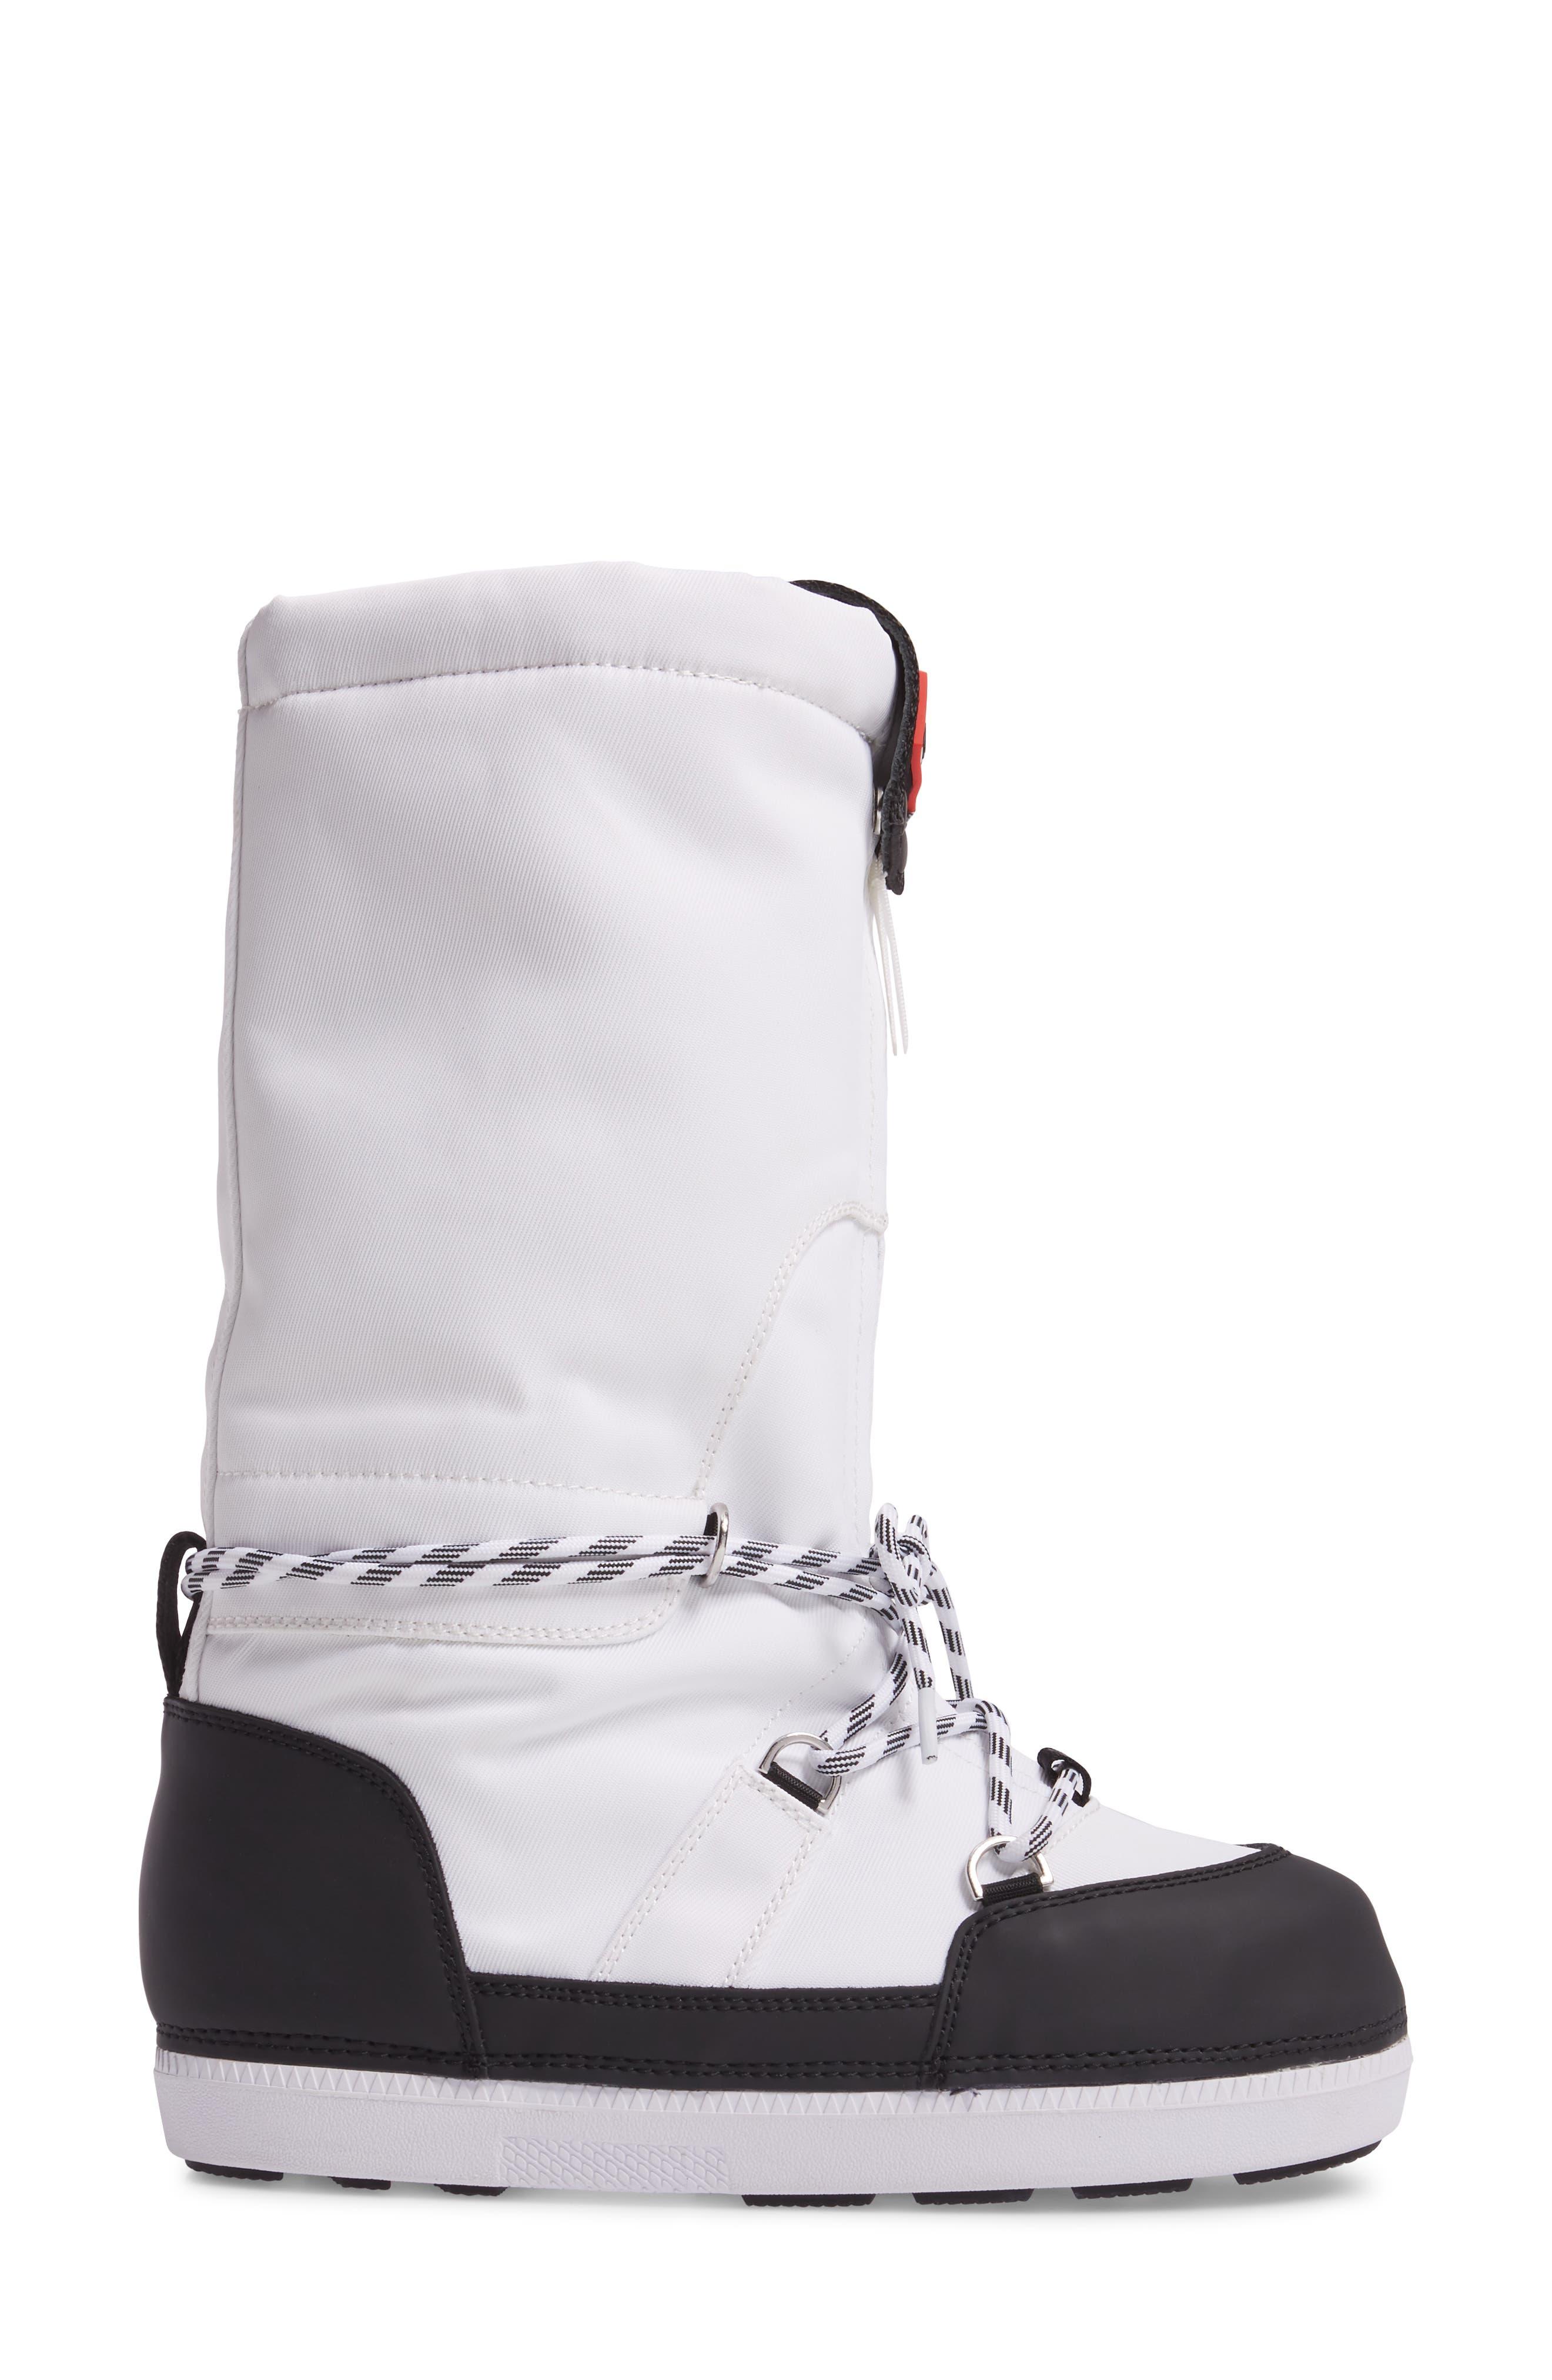 Original Waterproof Snow Boot,                             Alternate thumbnail 3, color,                             133